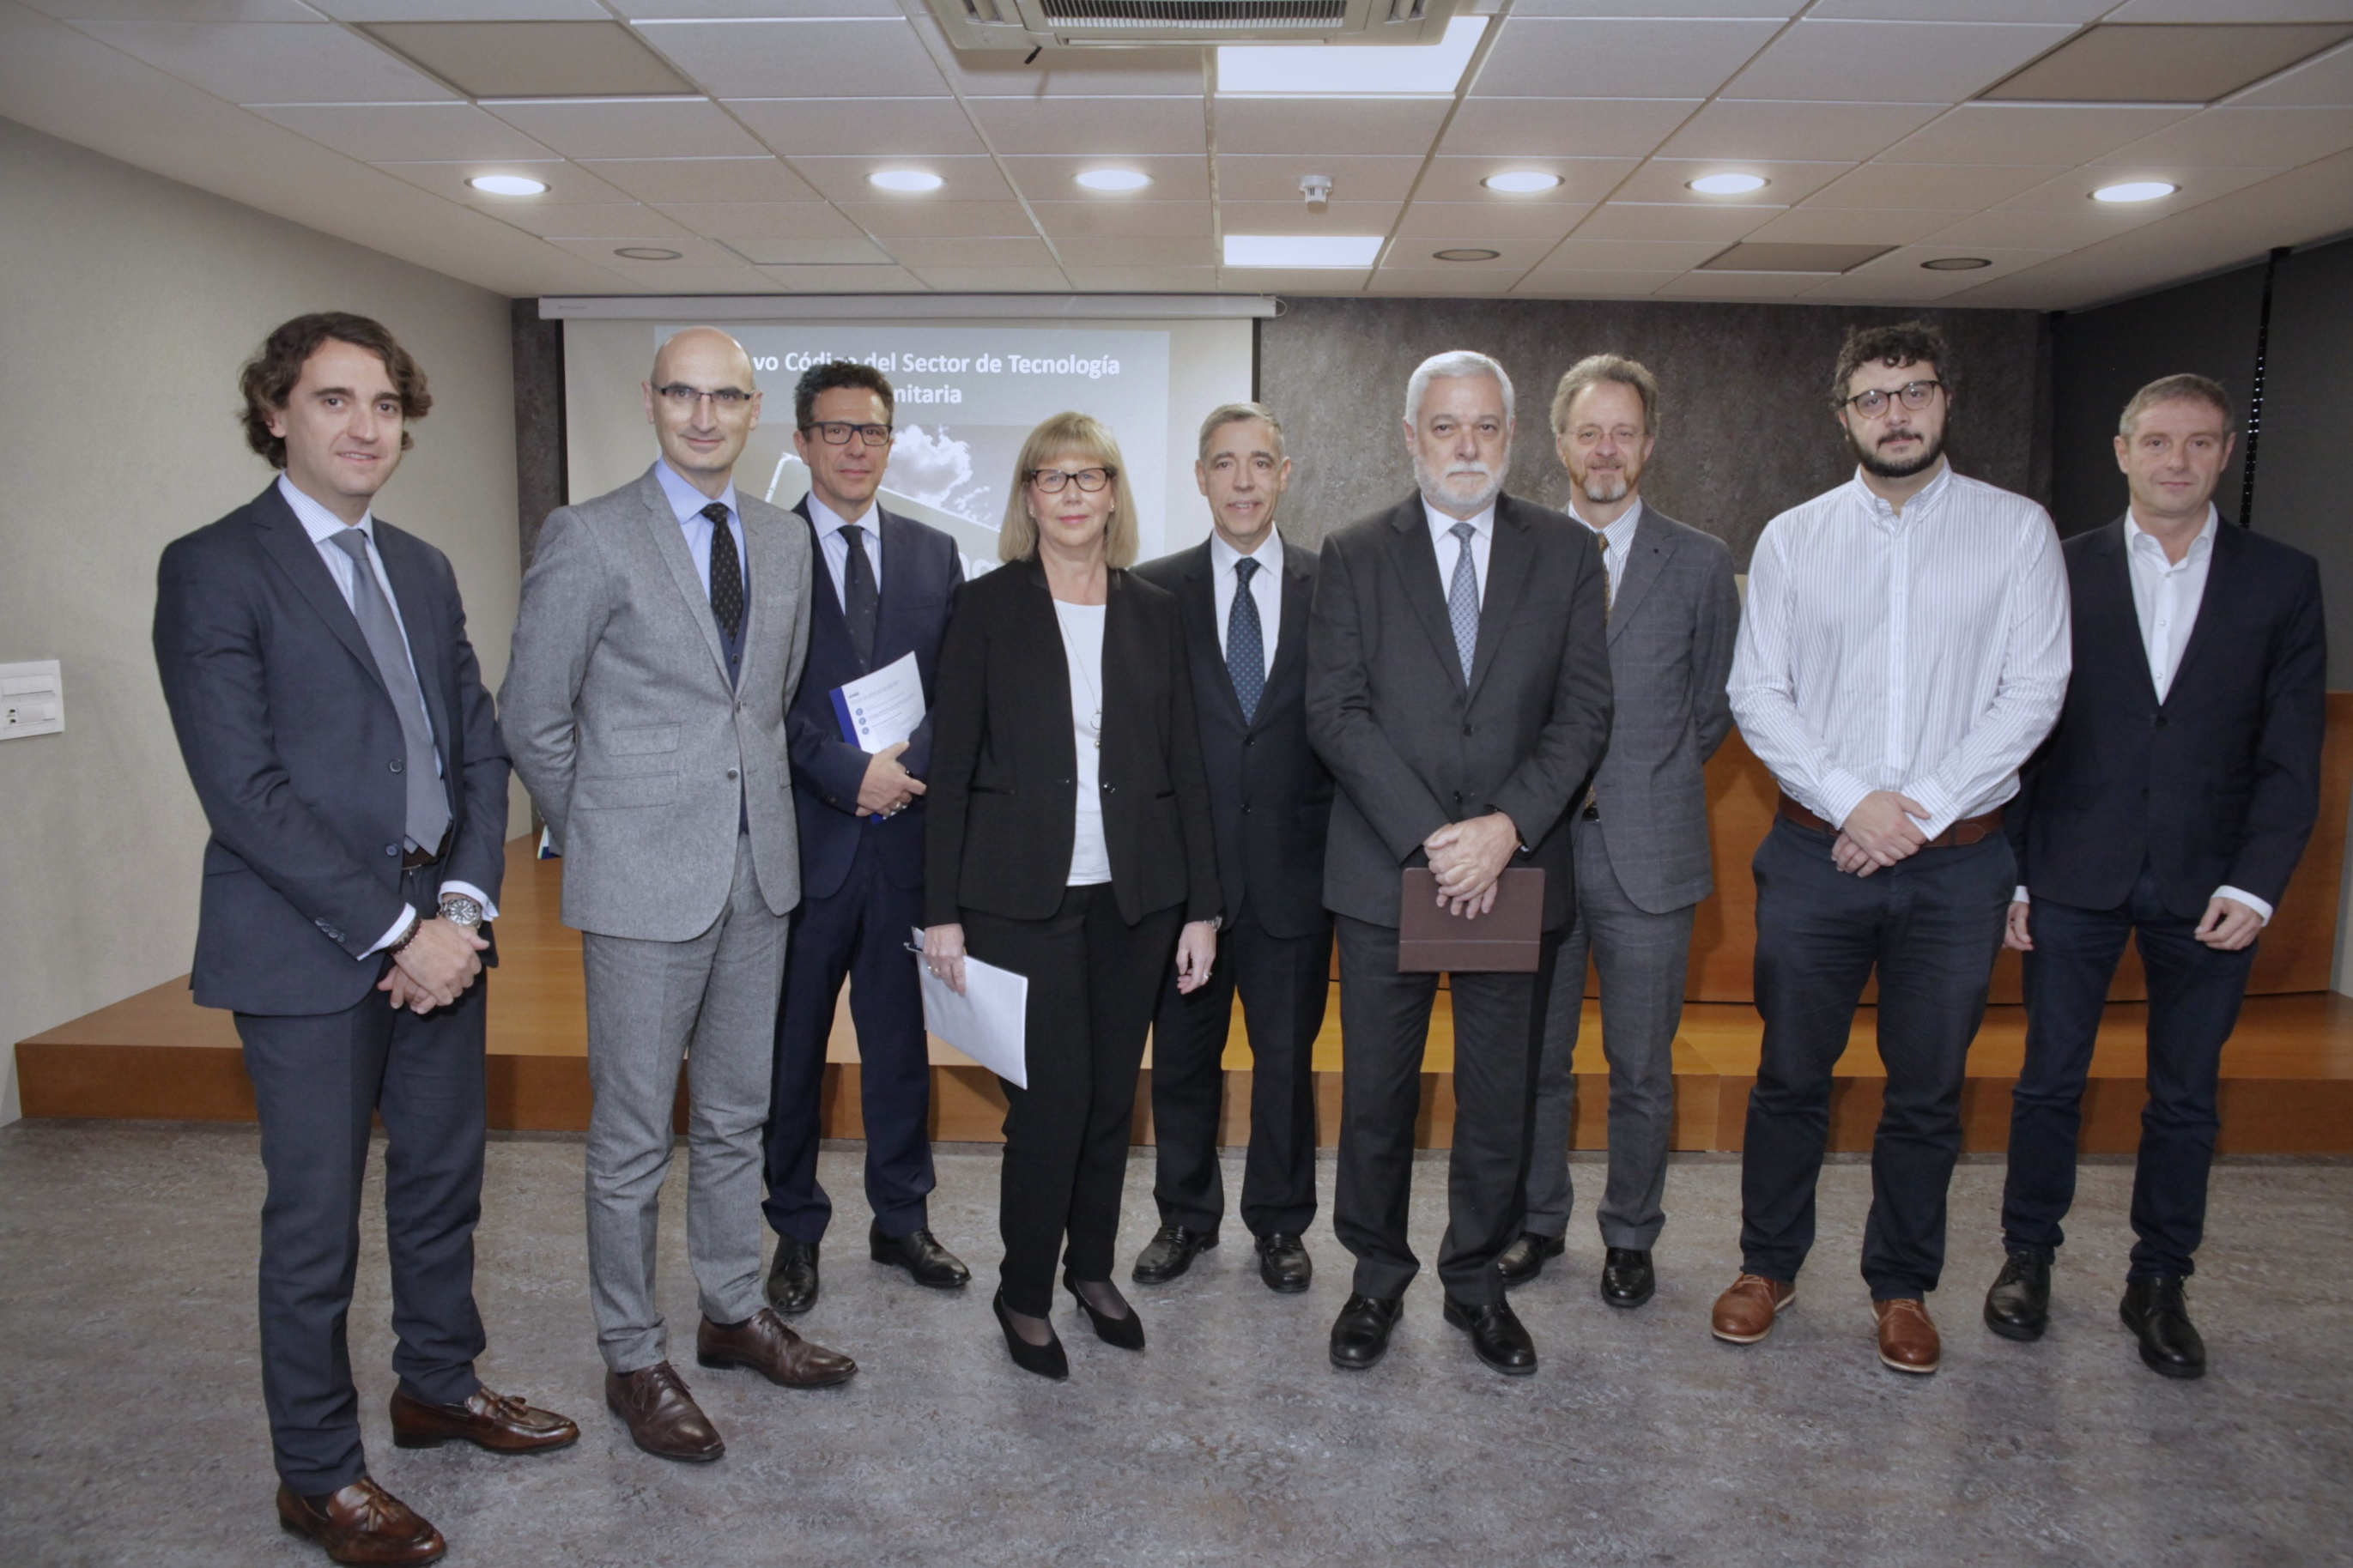 FENIN Y KPMG presentan las novedades sobre la aplicación del nuevo Código Ético del Sector de Tecnología Sanitaria